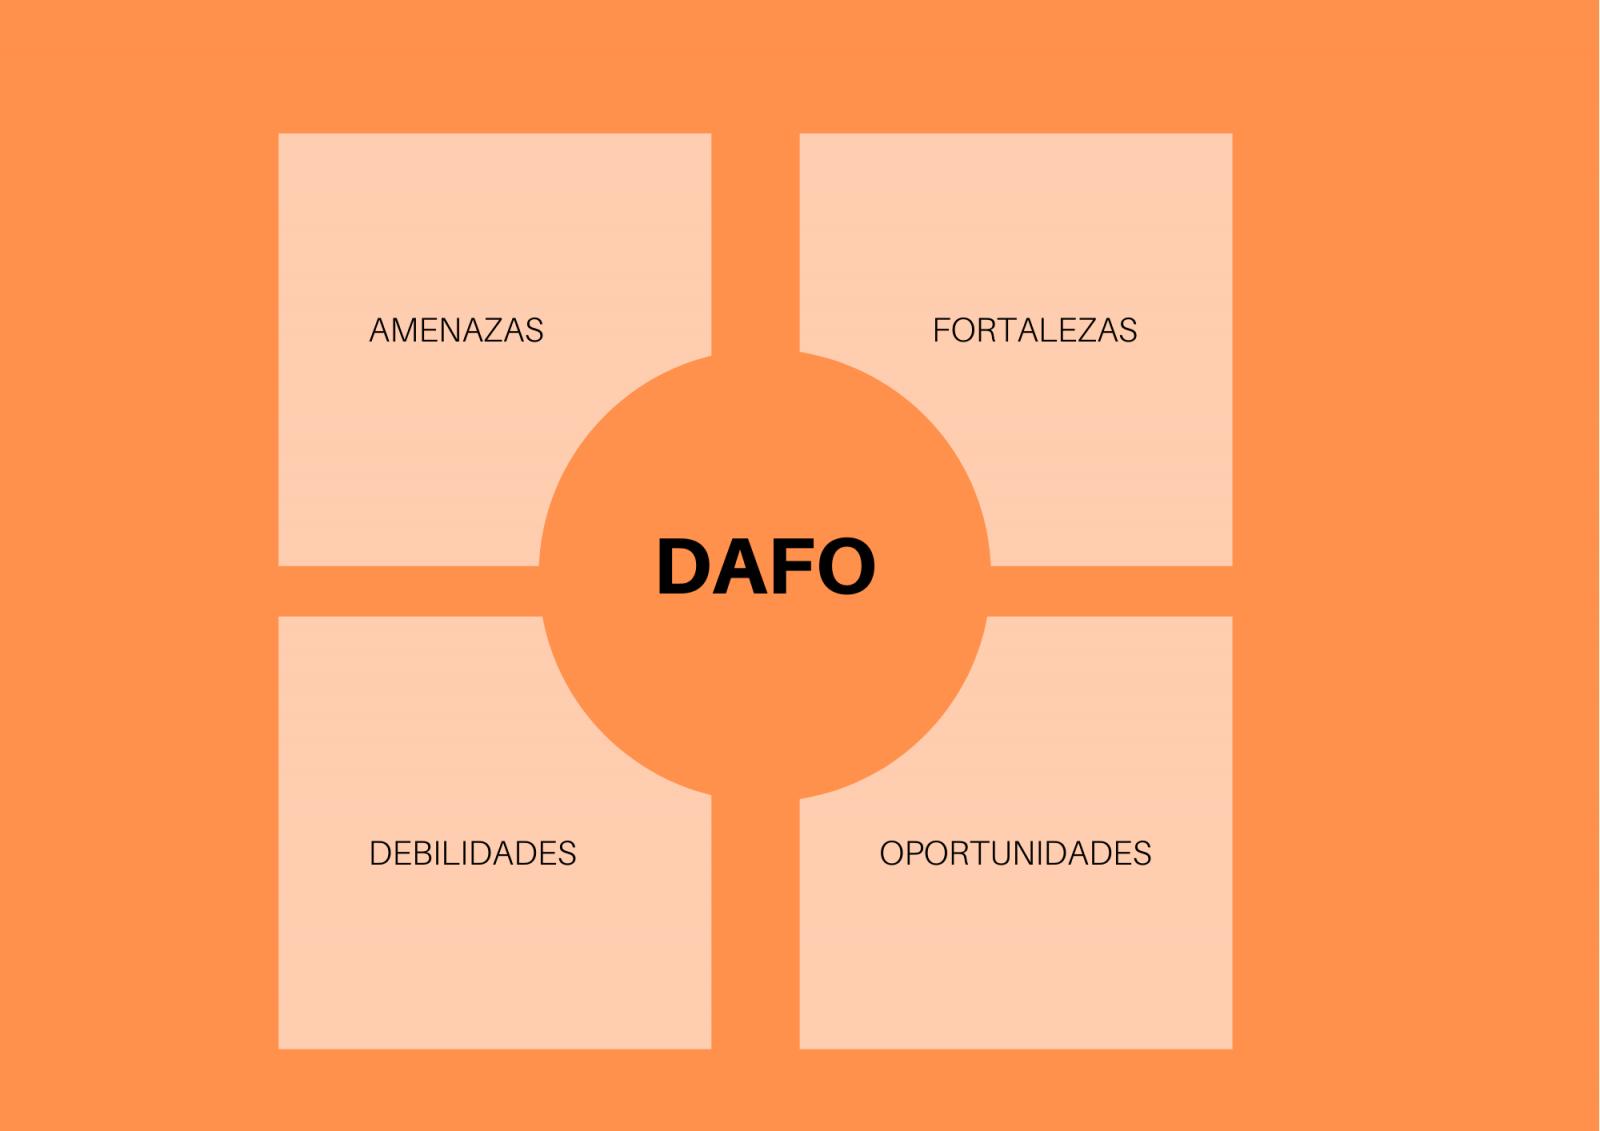 Importancia del análisis DAFO para poder crecer - Juan Merodio